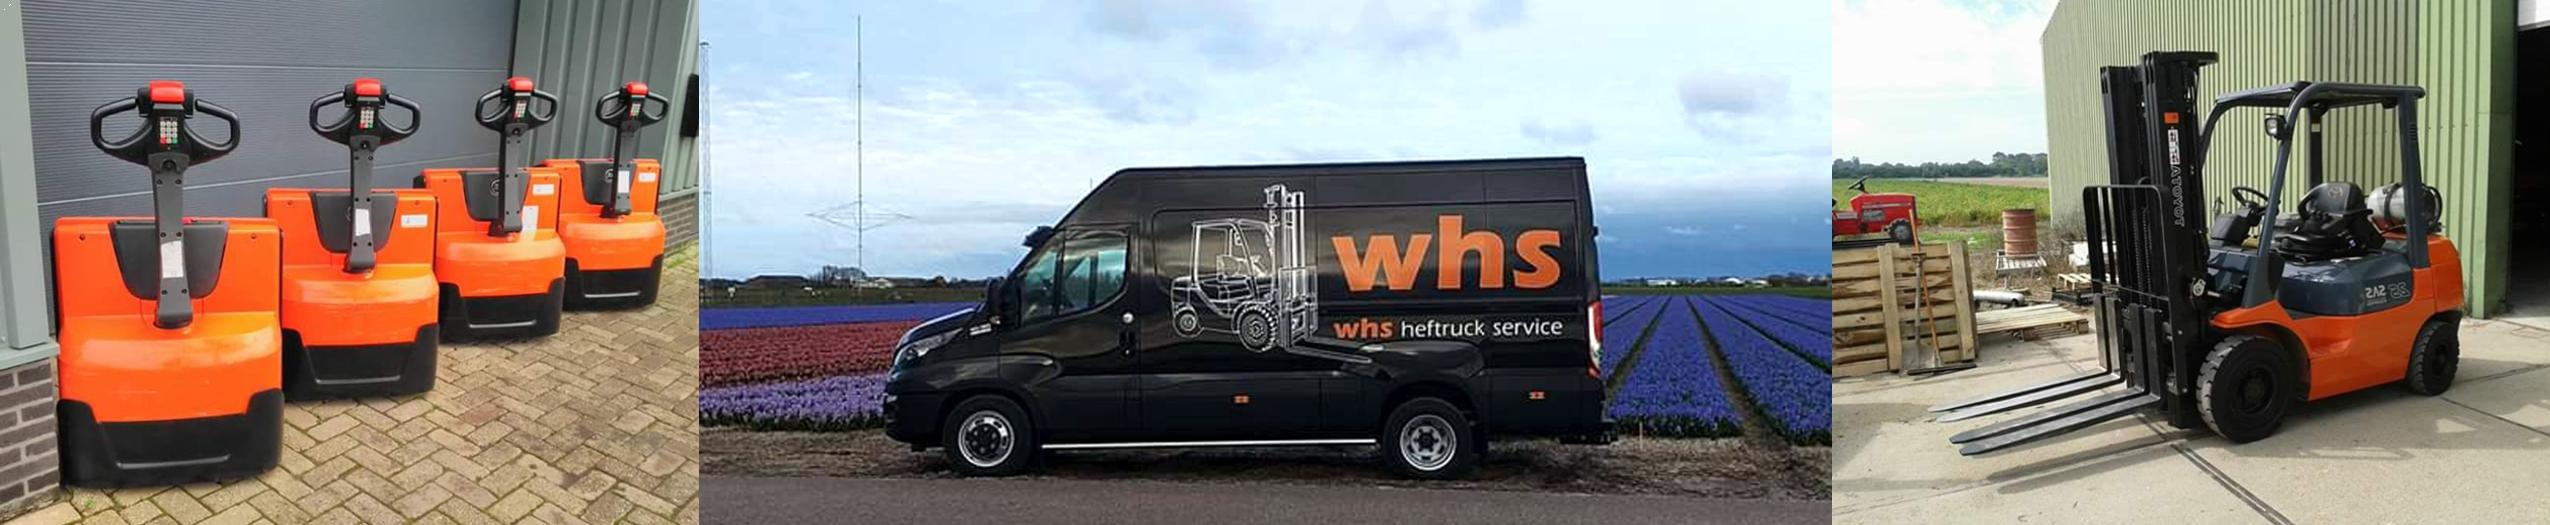 Whs heftruck service